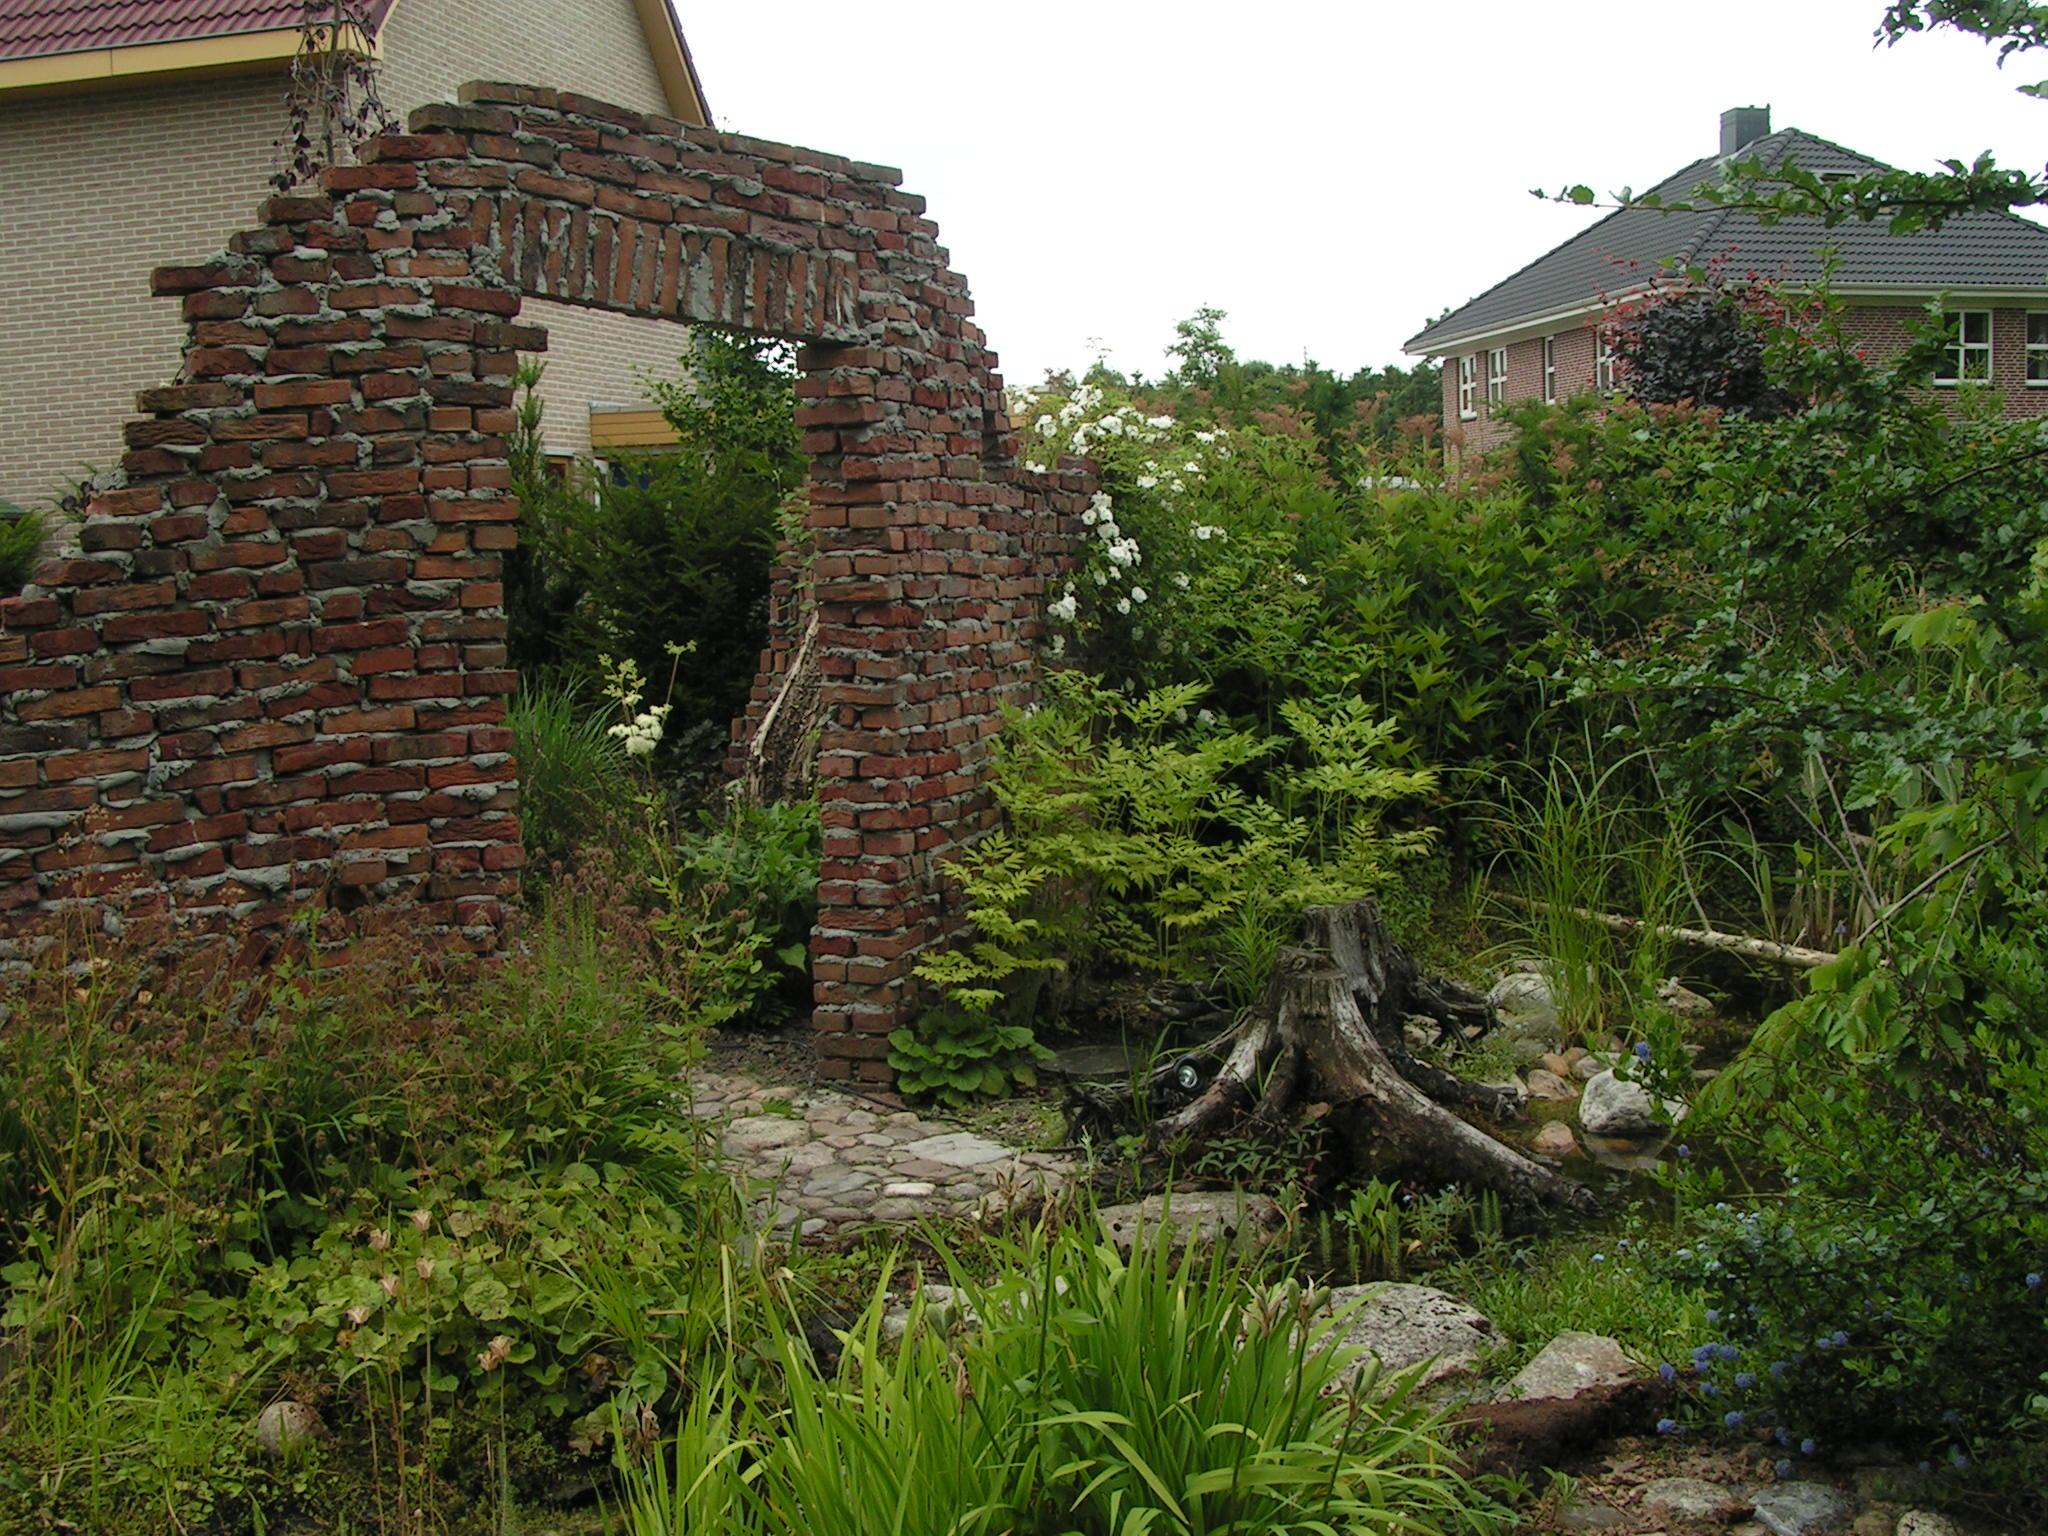 Tuinontwerp de tuinruimer for Tuinontwerp natuurlijke tuin